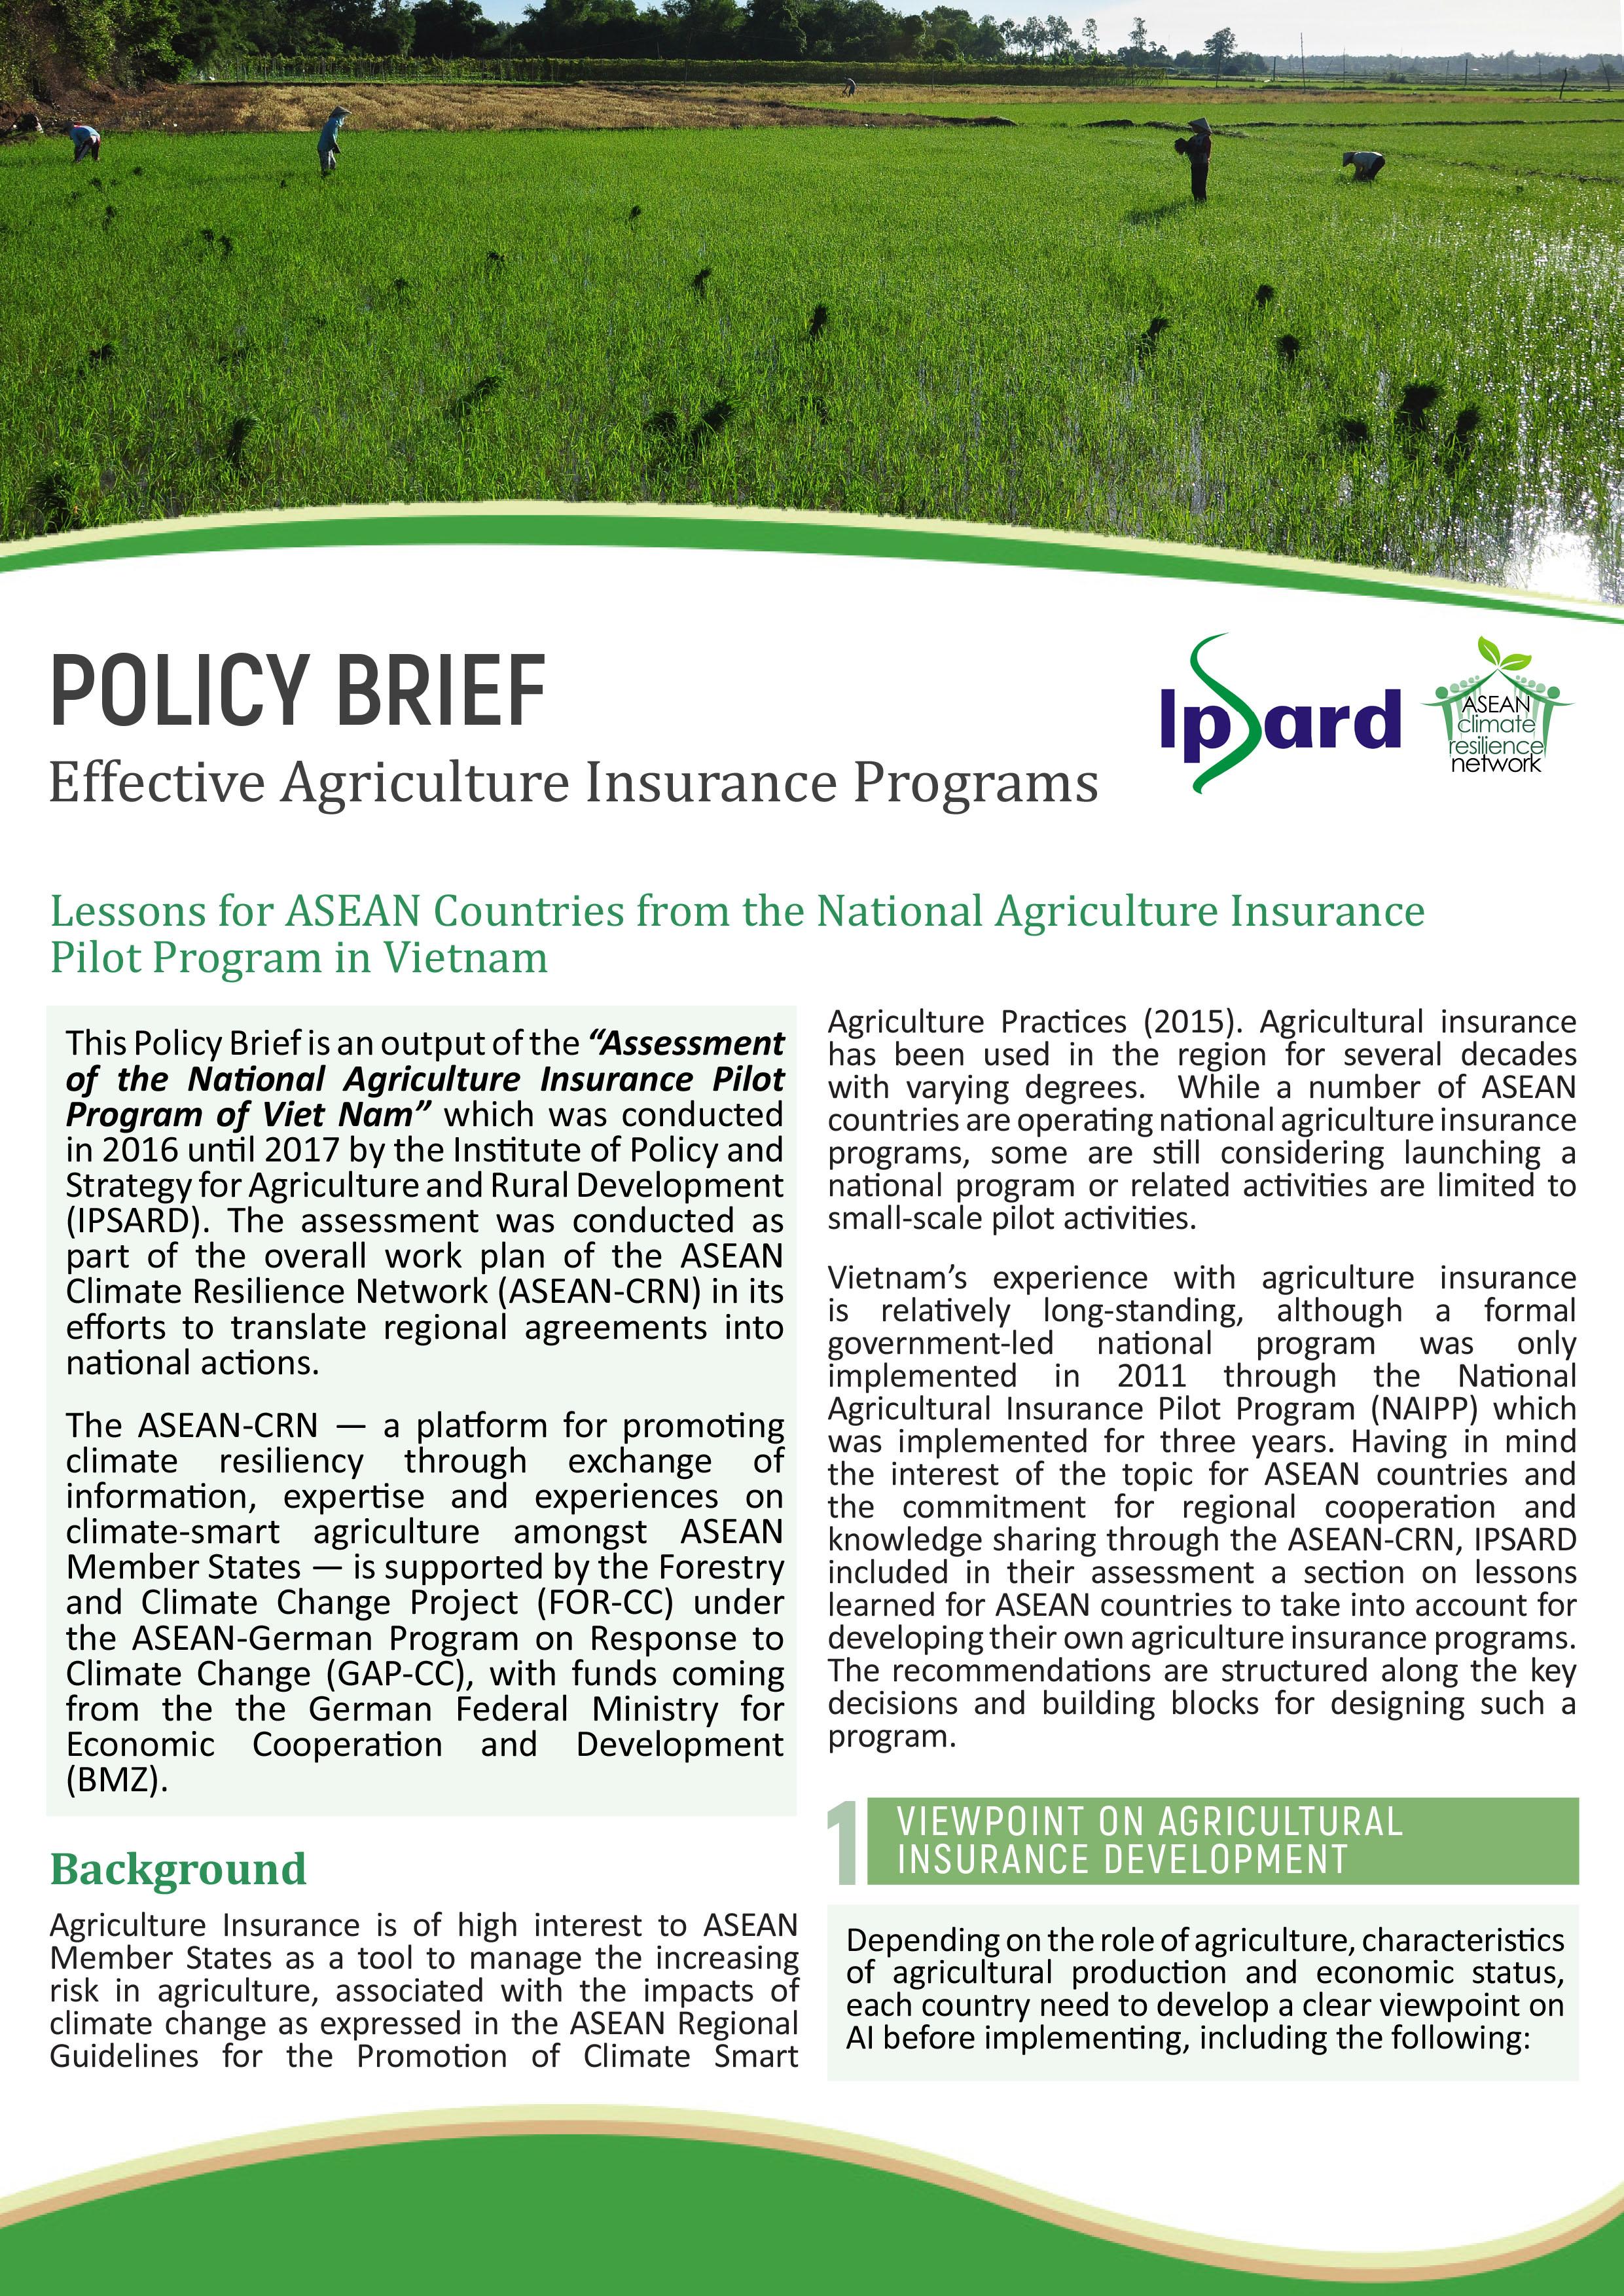 Policy brief IPSARD